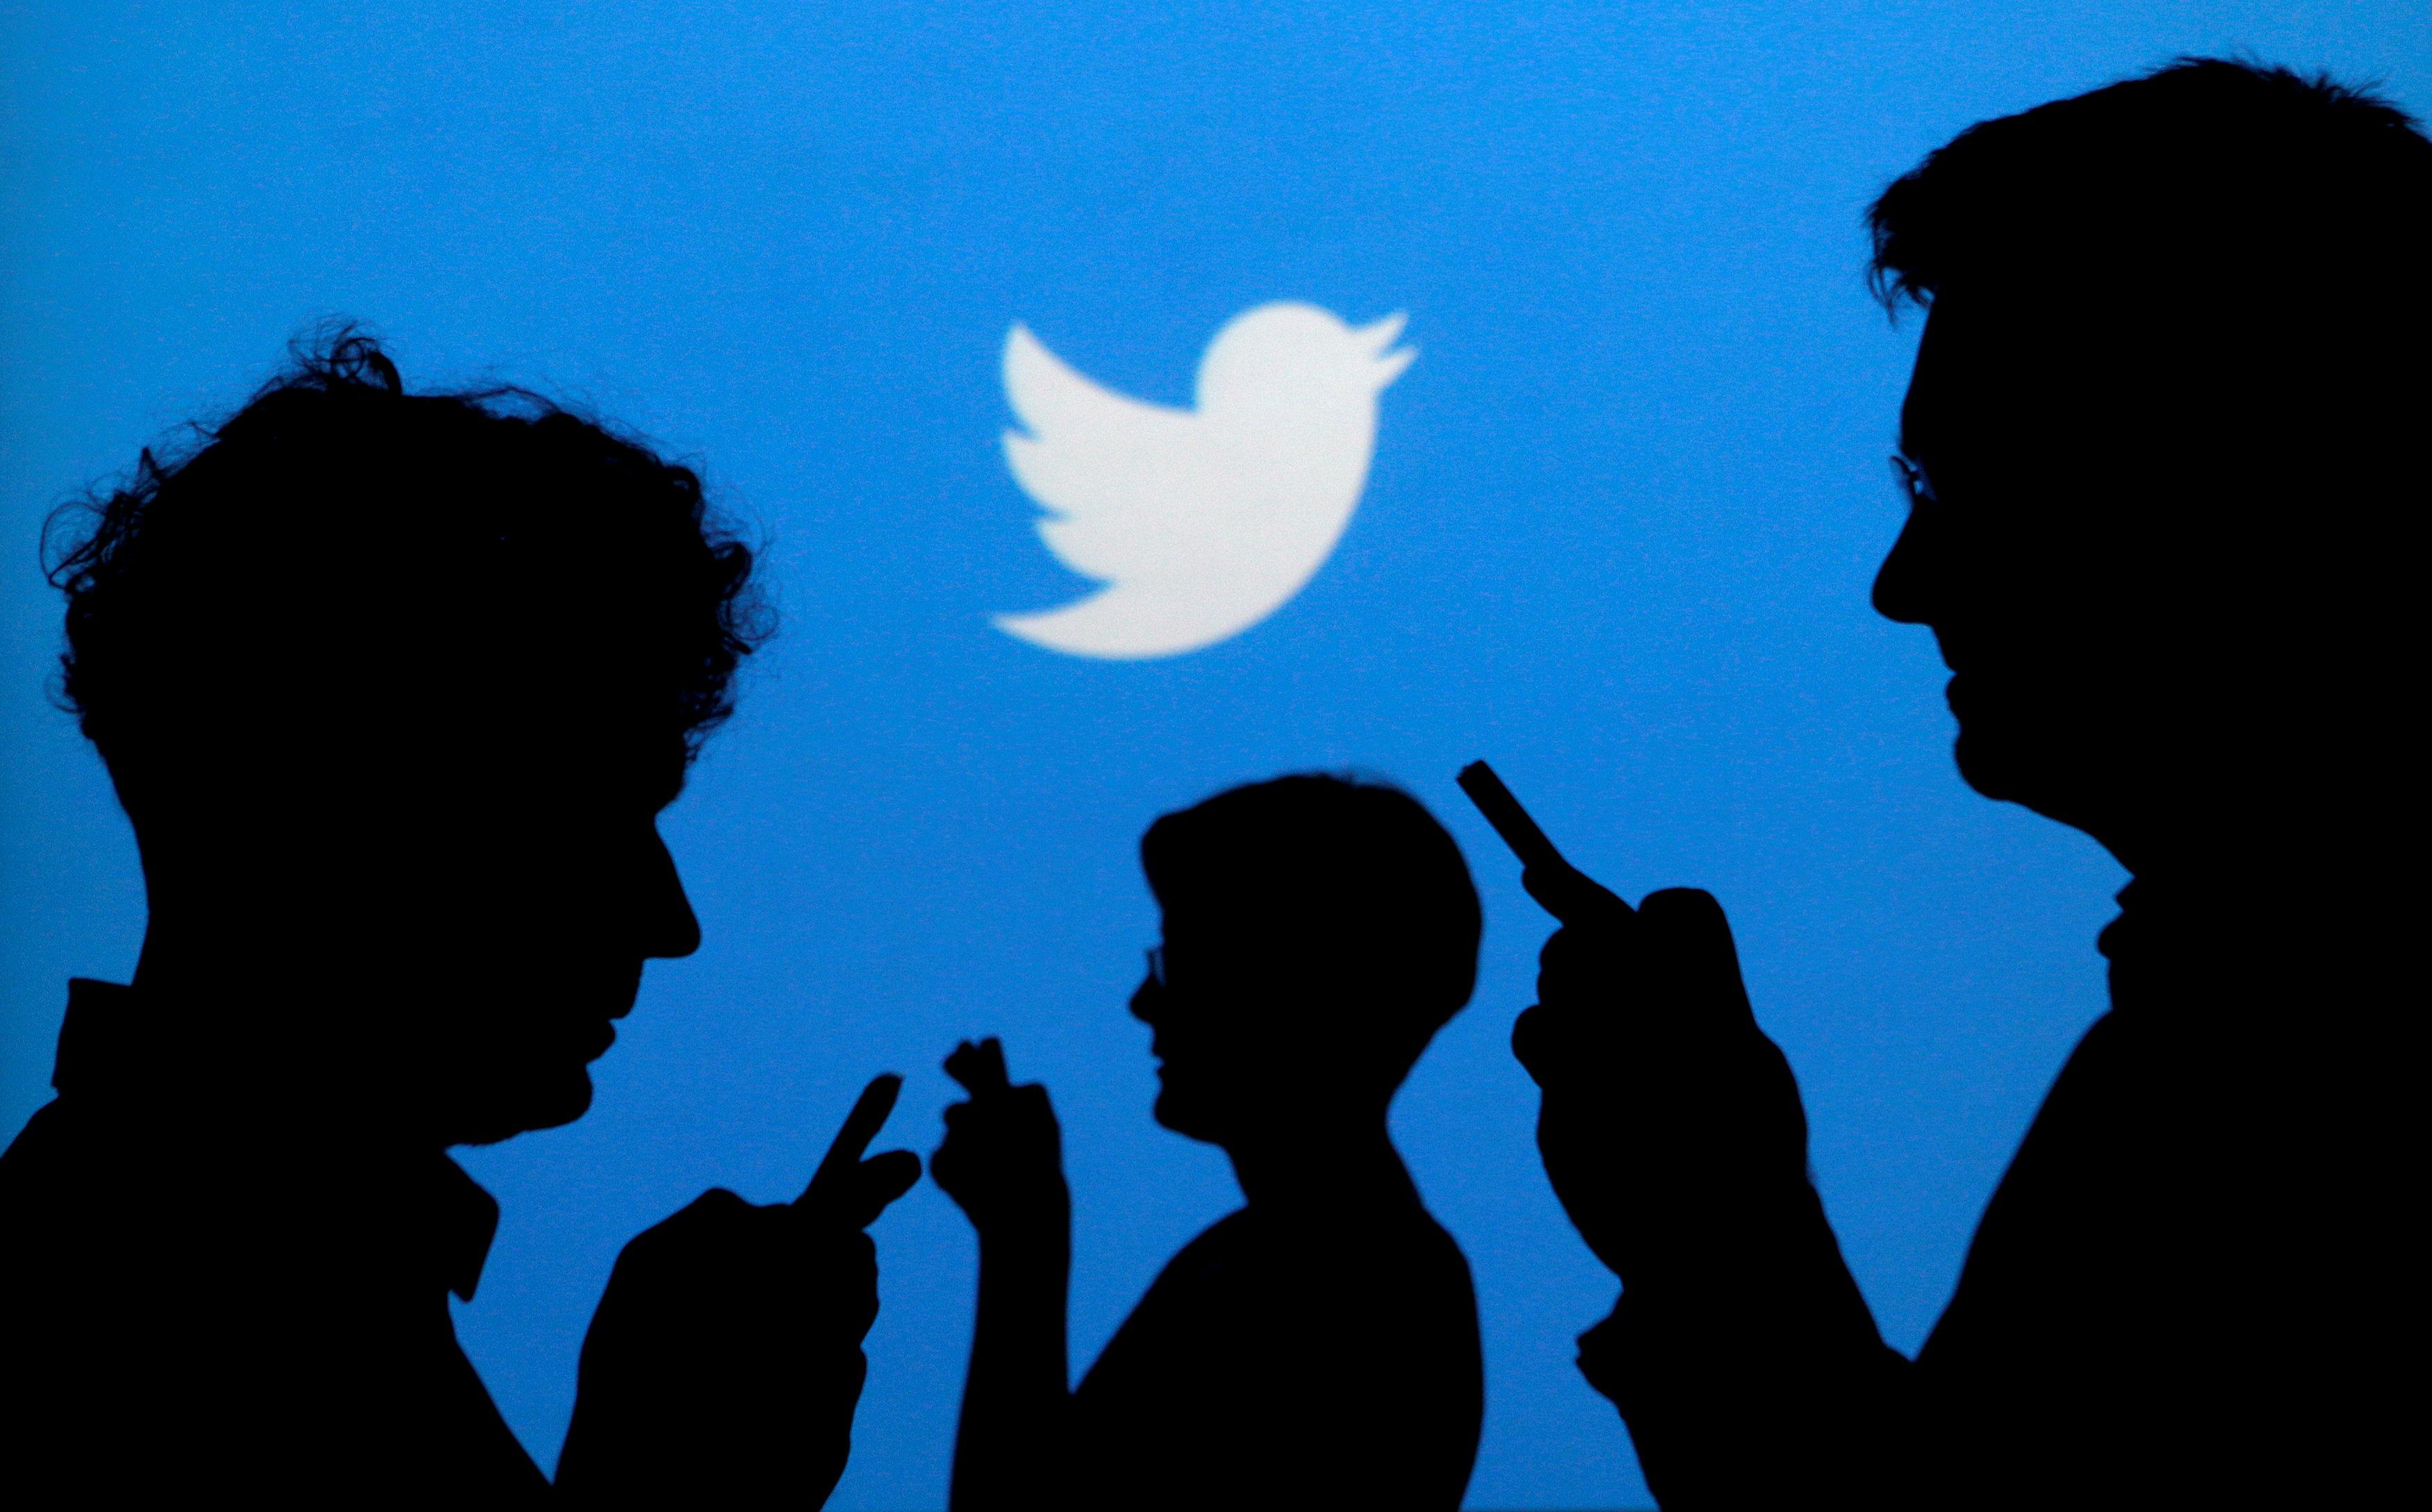 Суд признал законным взыскание с Twitter штрафа в 4 миллиона рублей